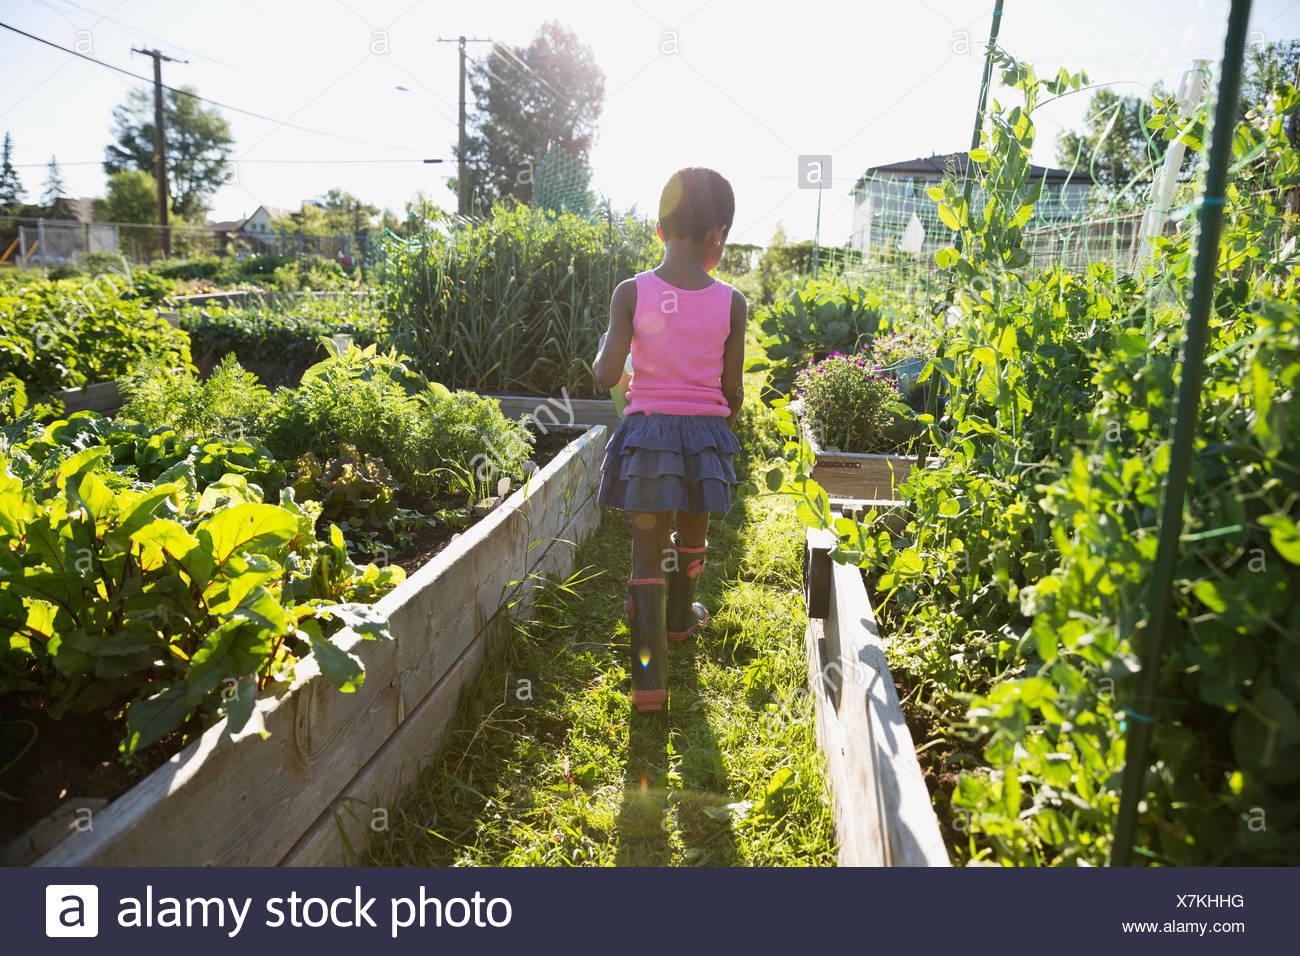 Girl walking in sunny vegetable garden - Stock Image